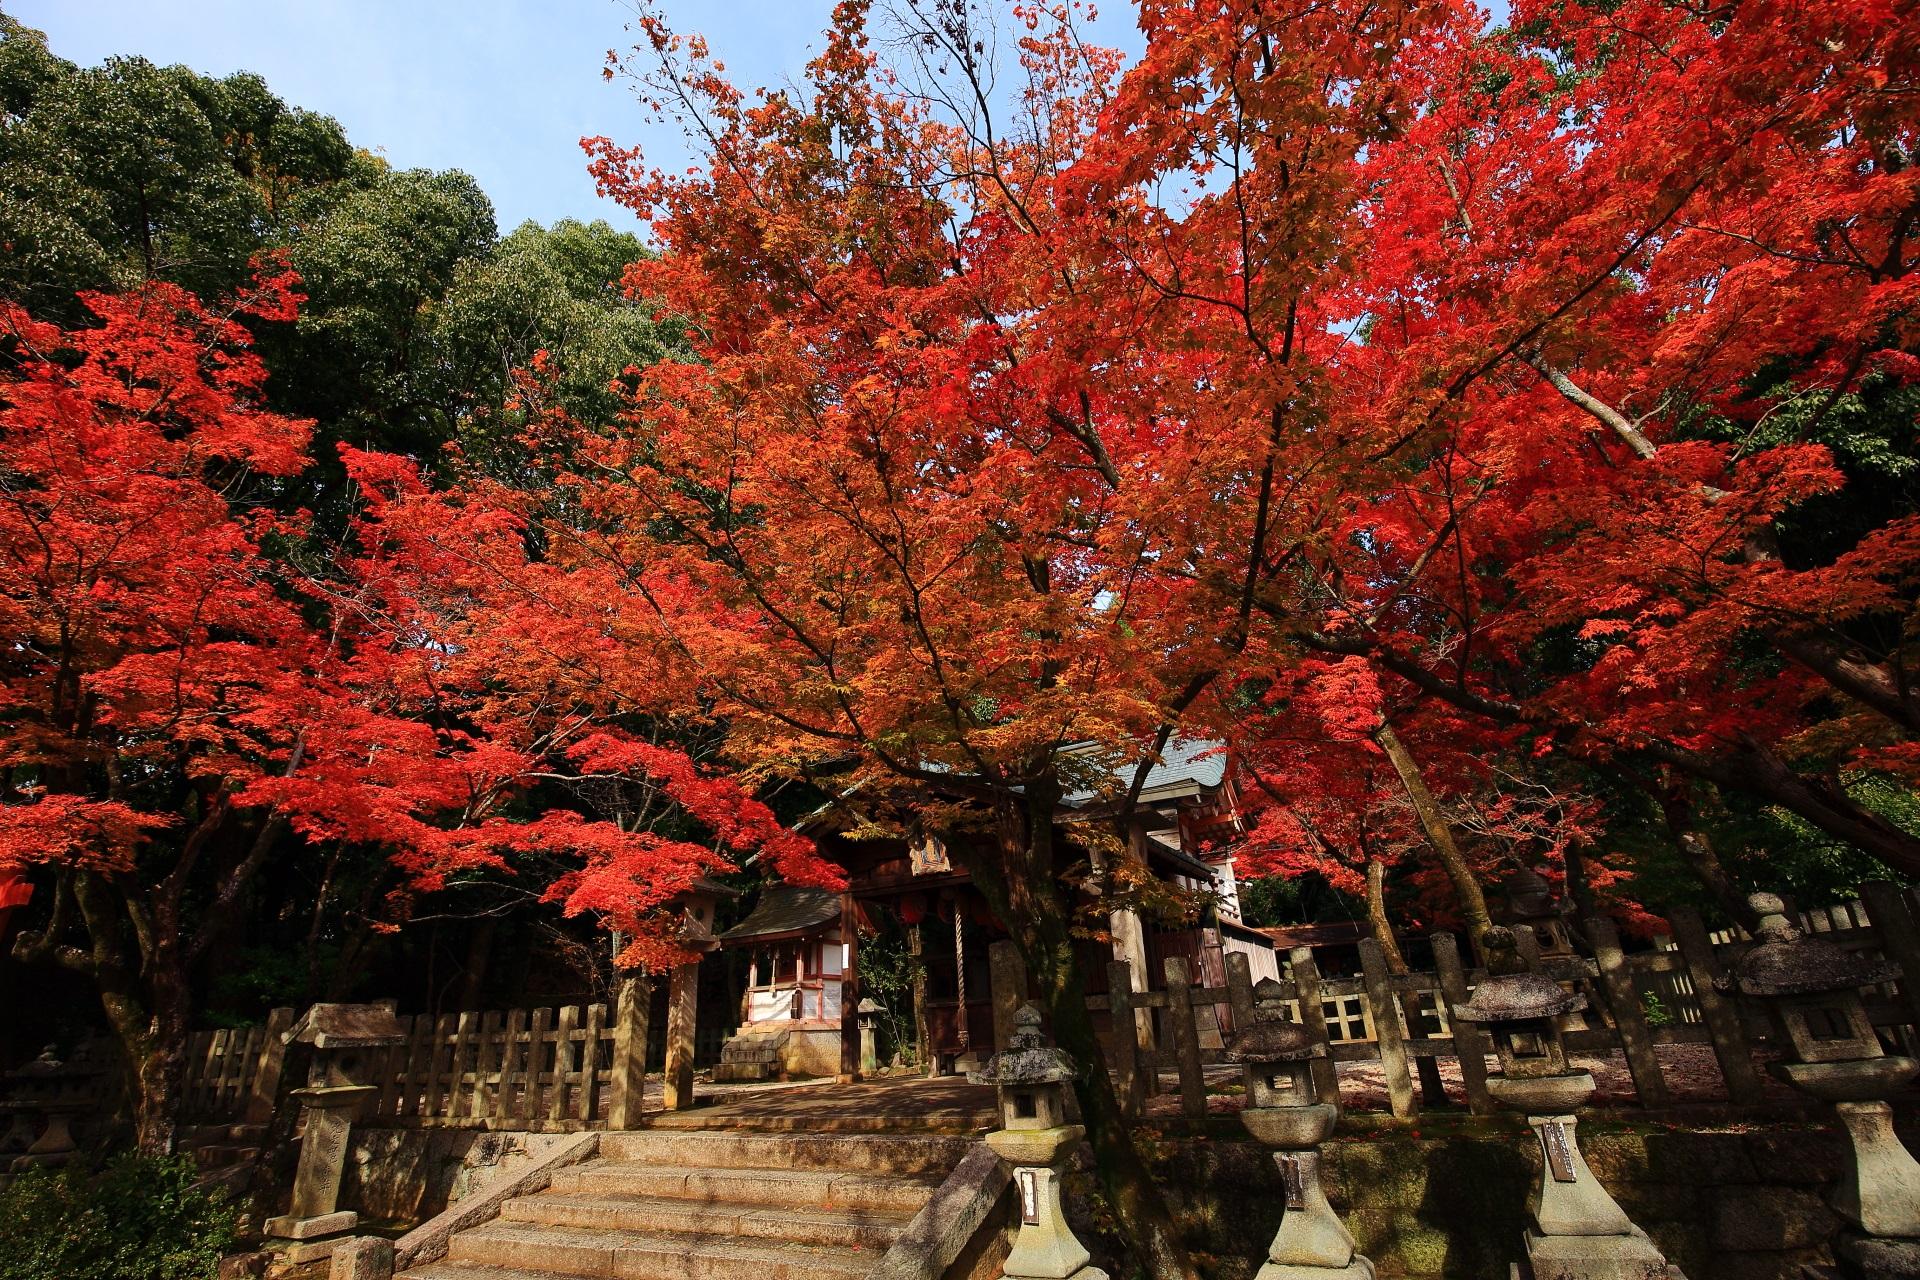 竹中稲荷神社の太陽を浴びて煌く多彩な紅葉